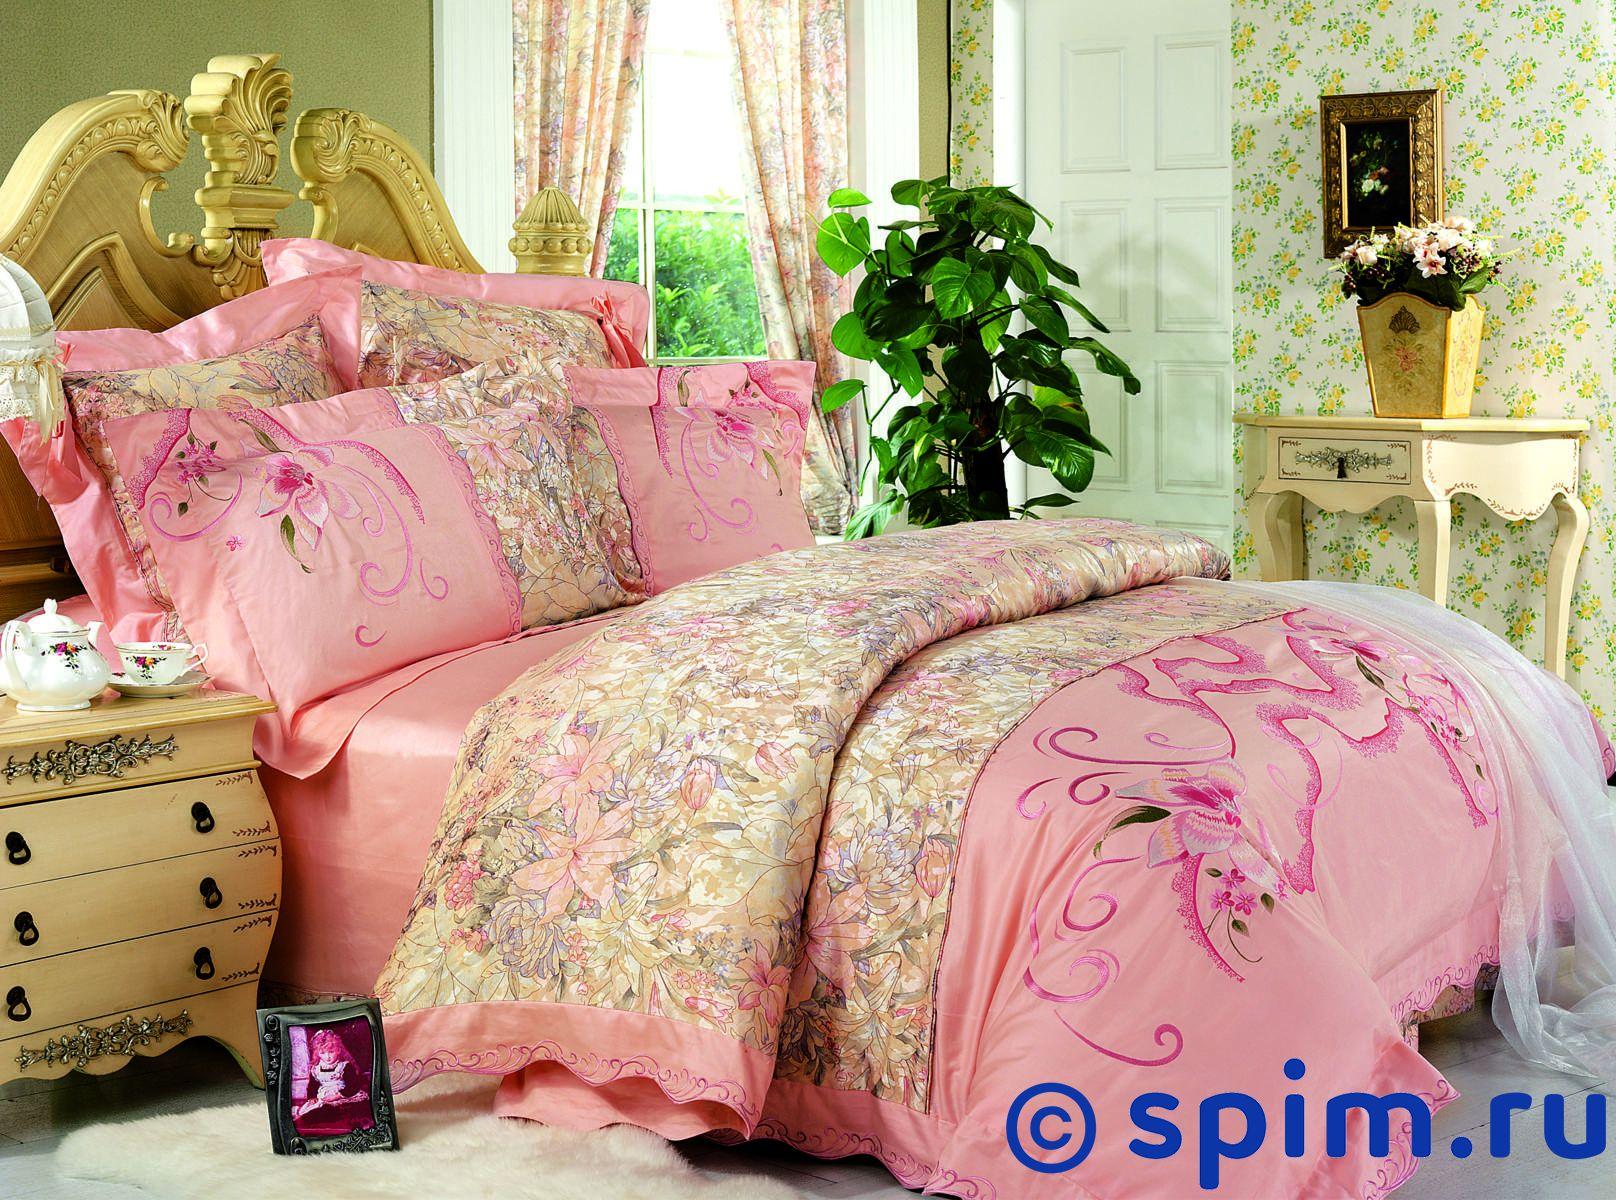 Комплект СайлиД D82 (2) 2 спальное